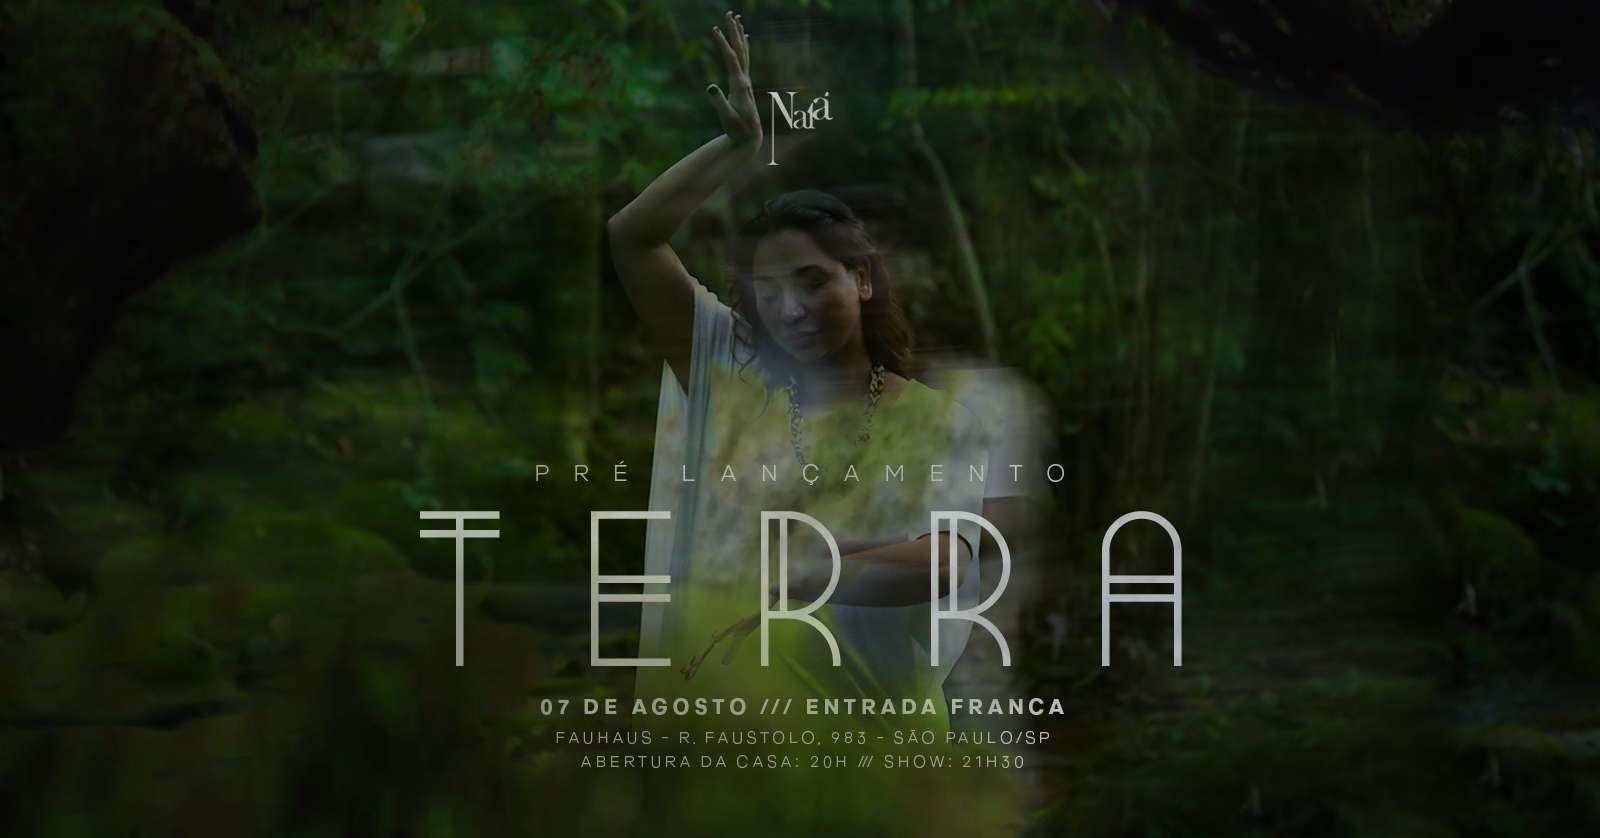 """Naia comemora lançamento de """"Terra"""" com show"""